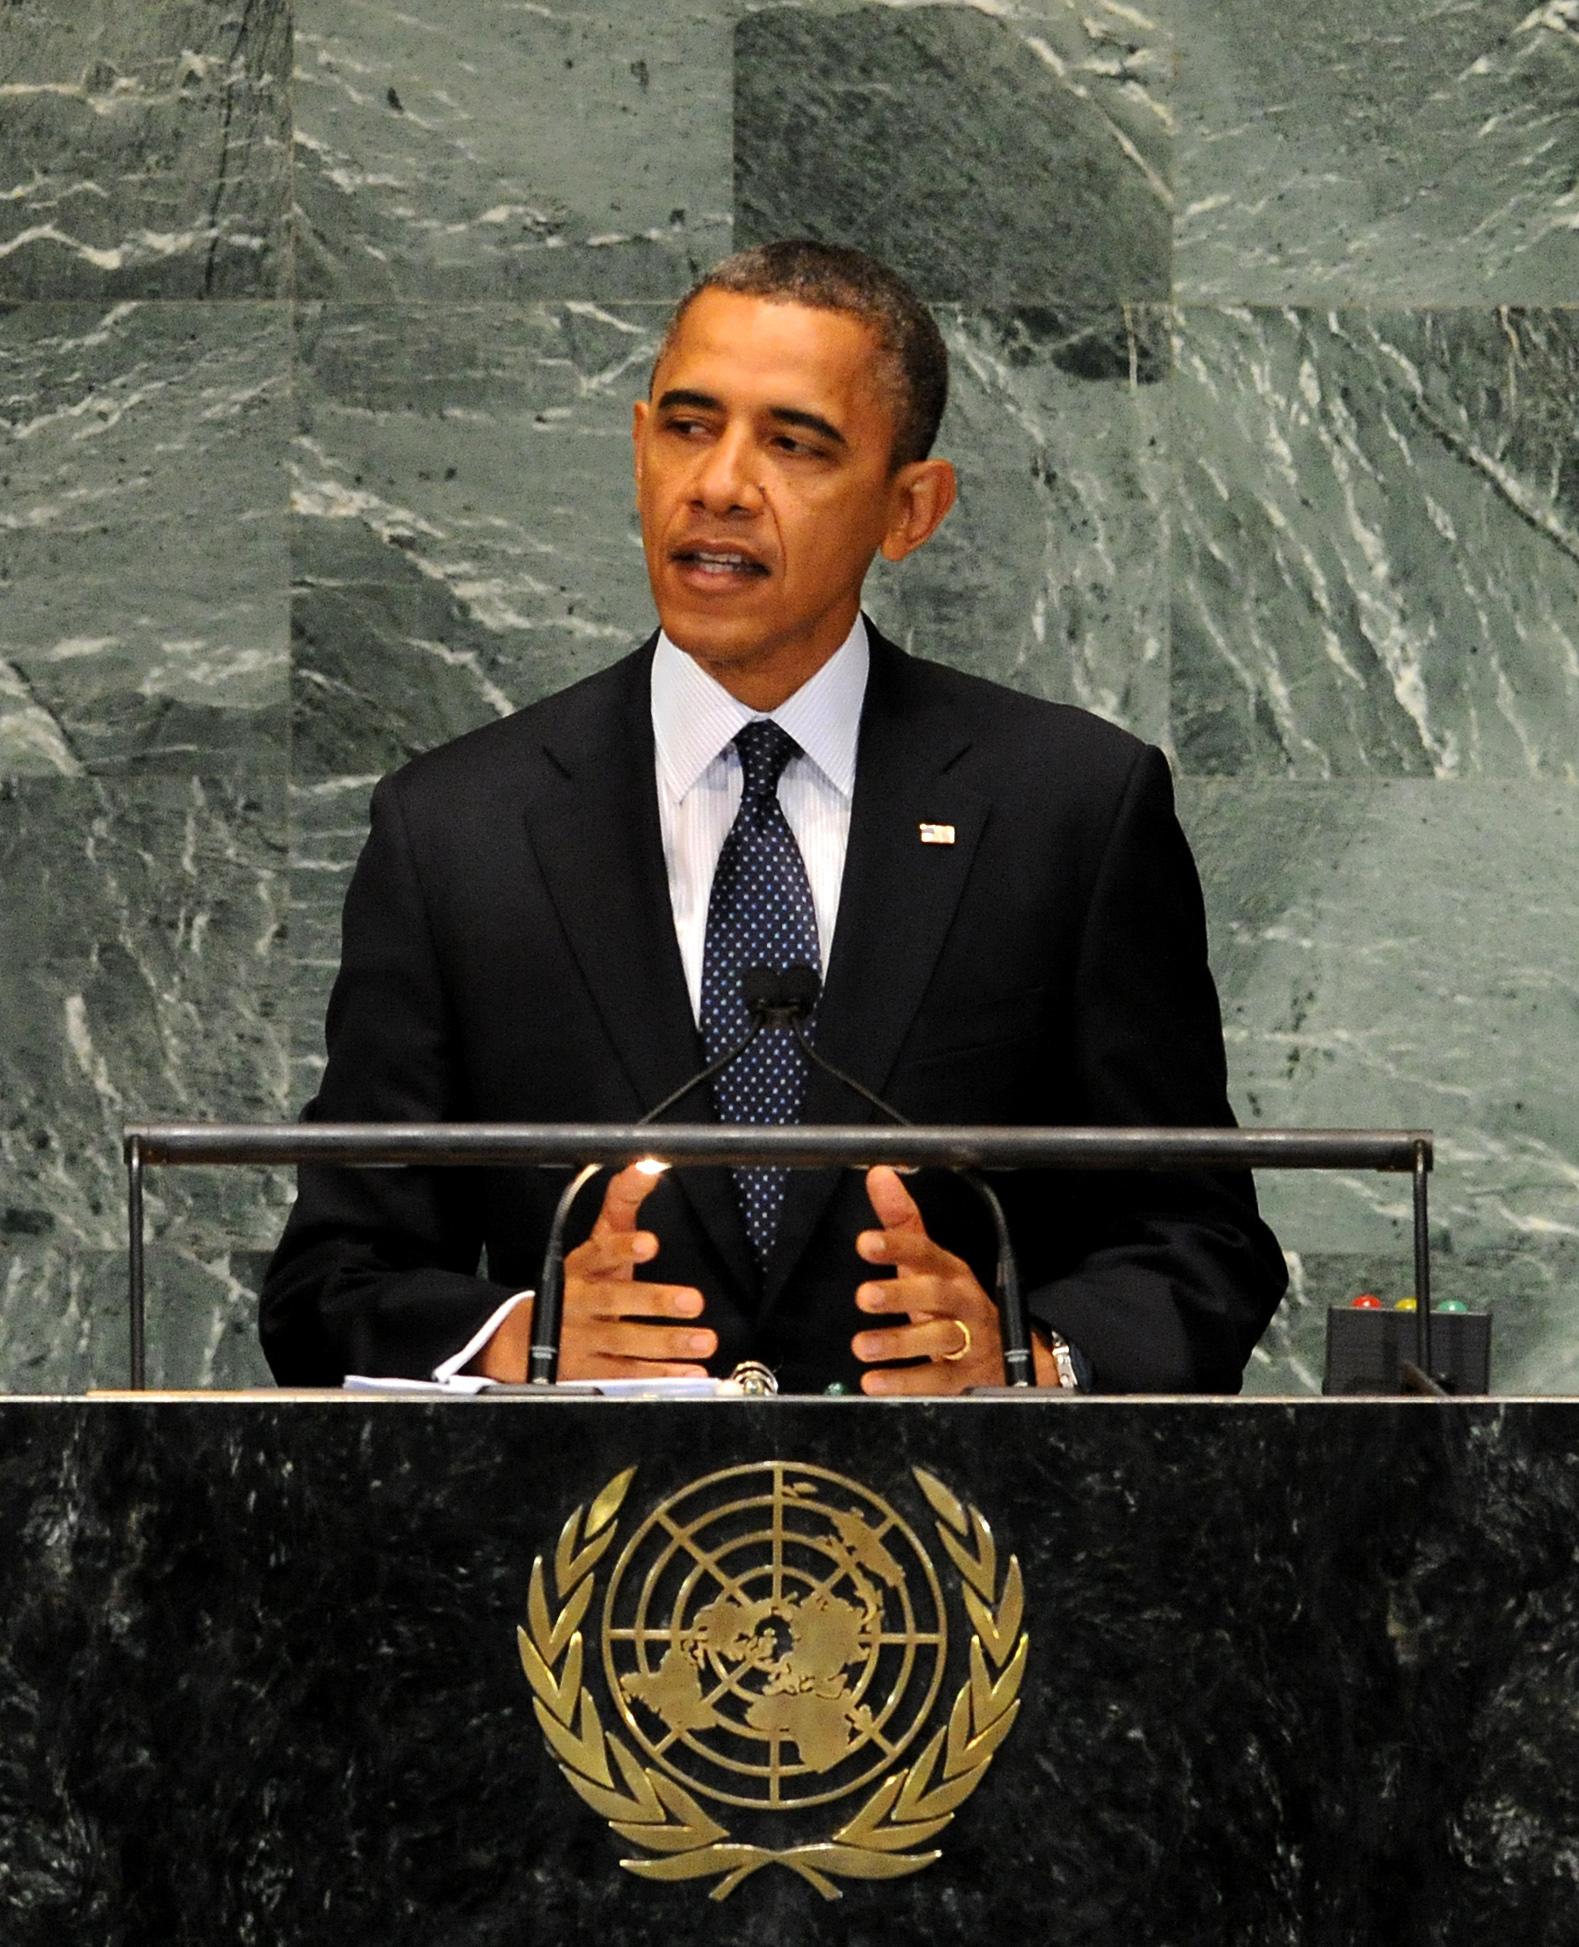 Obama compte retirer 34 000 soldats supplémentaires d'Afghanistan dans la prochaine année